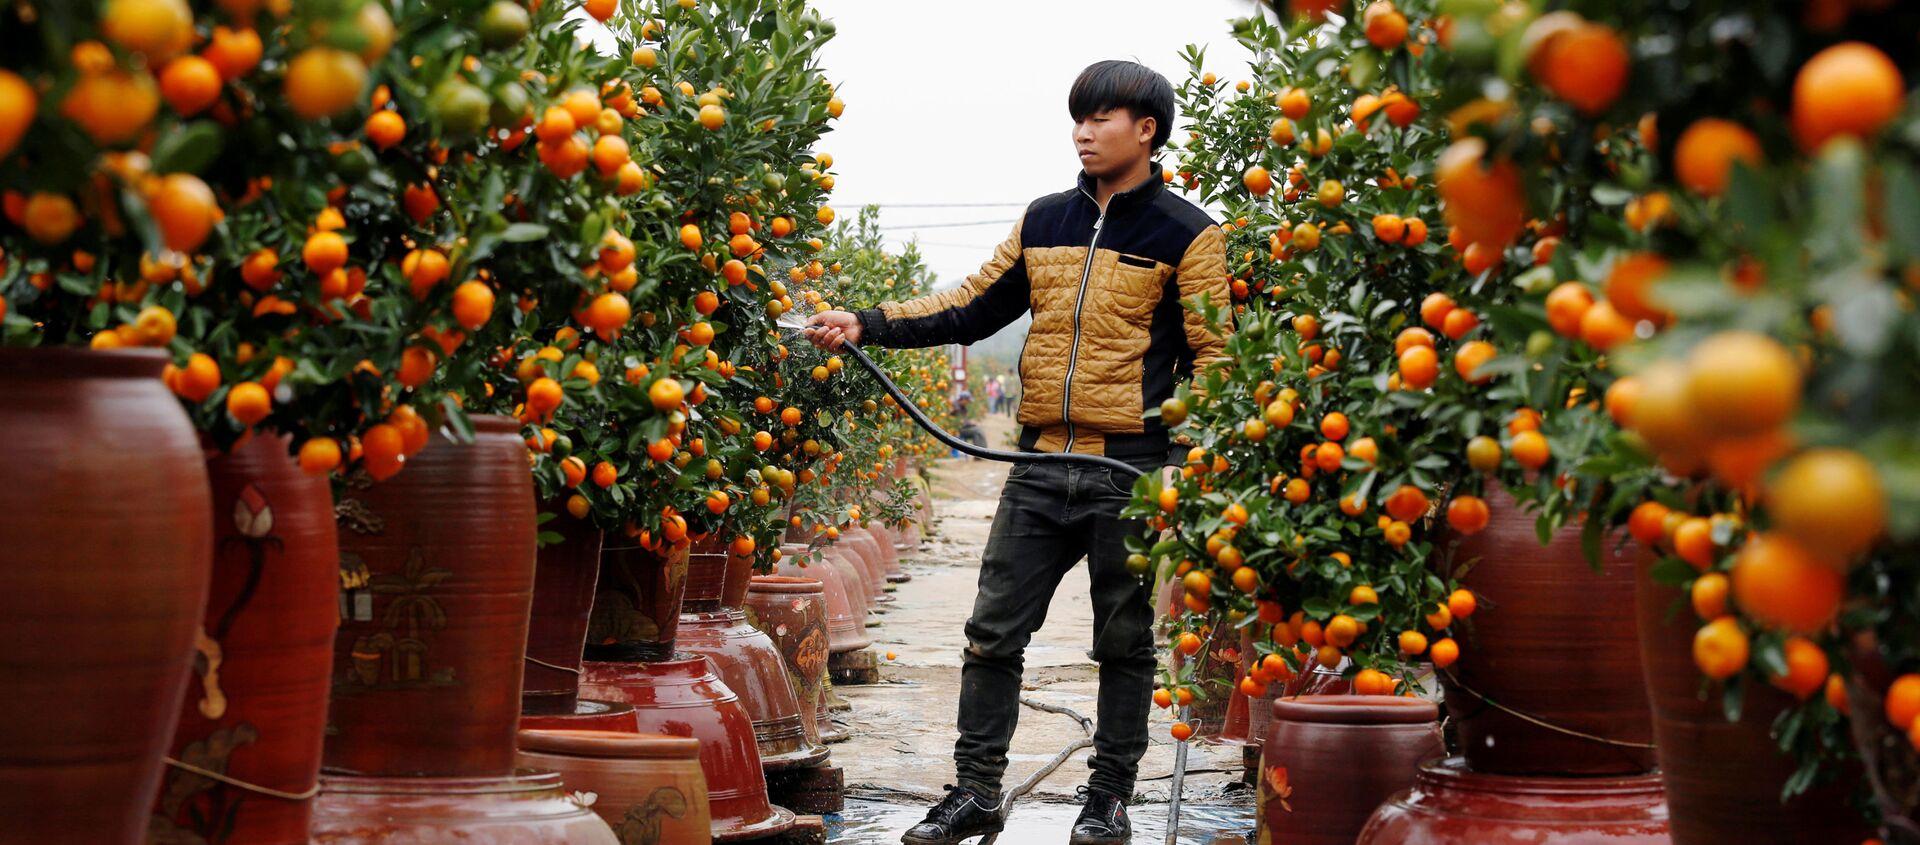 Фермер поливает деревья кумквата во время подготовки к Лунному Новому году, Ханой, Вьетнам - Sputnik Italia, 1920, 16.08.2020